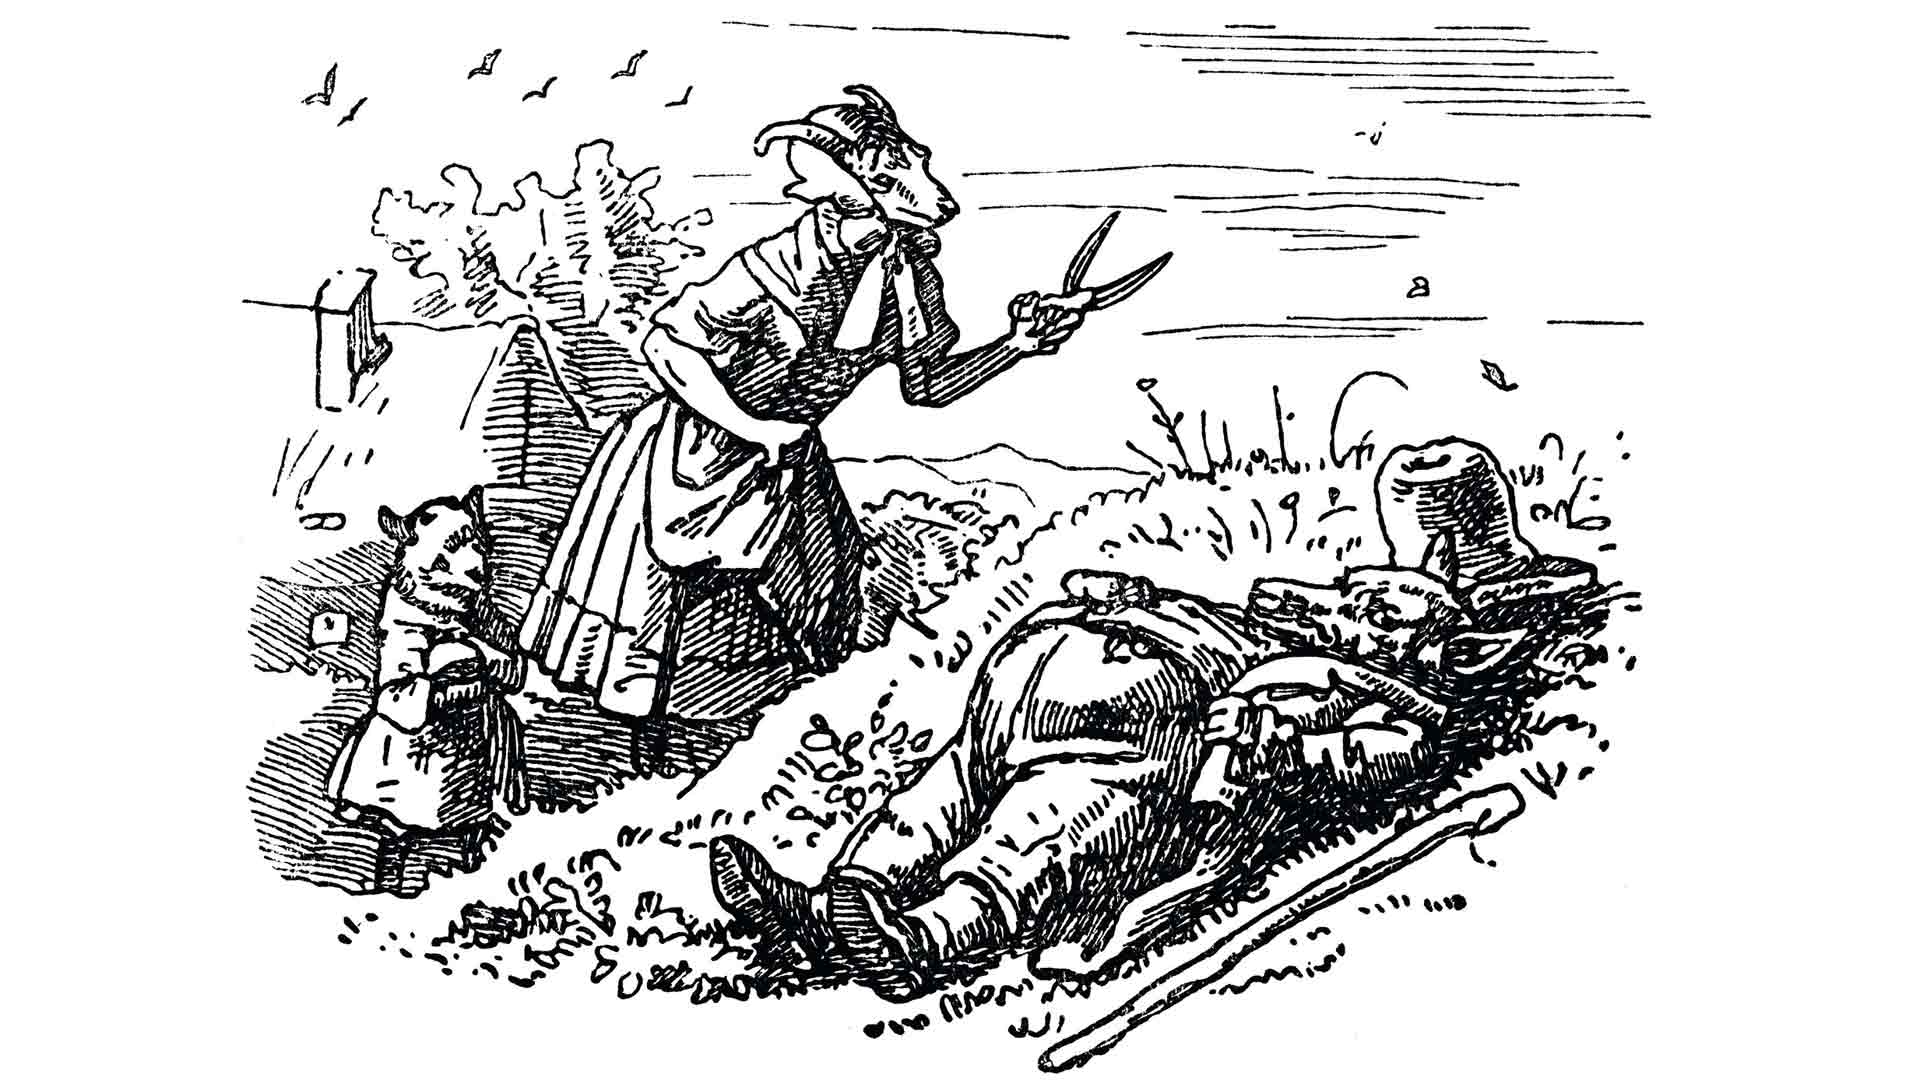 Grimmin veljesten tarinassa paha susi naamioituu vuohiäidiksi ja syö seitsemästä kilistä kuusi. Vuohiäiti ja ainoa henkiin jäänyt kili ratkovat suden auki, täyttävät sen vatsan kivillä ja elikko hukkuu jokeen.